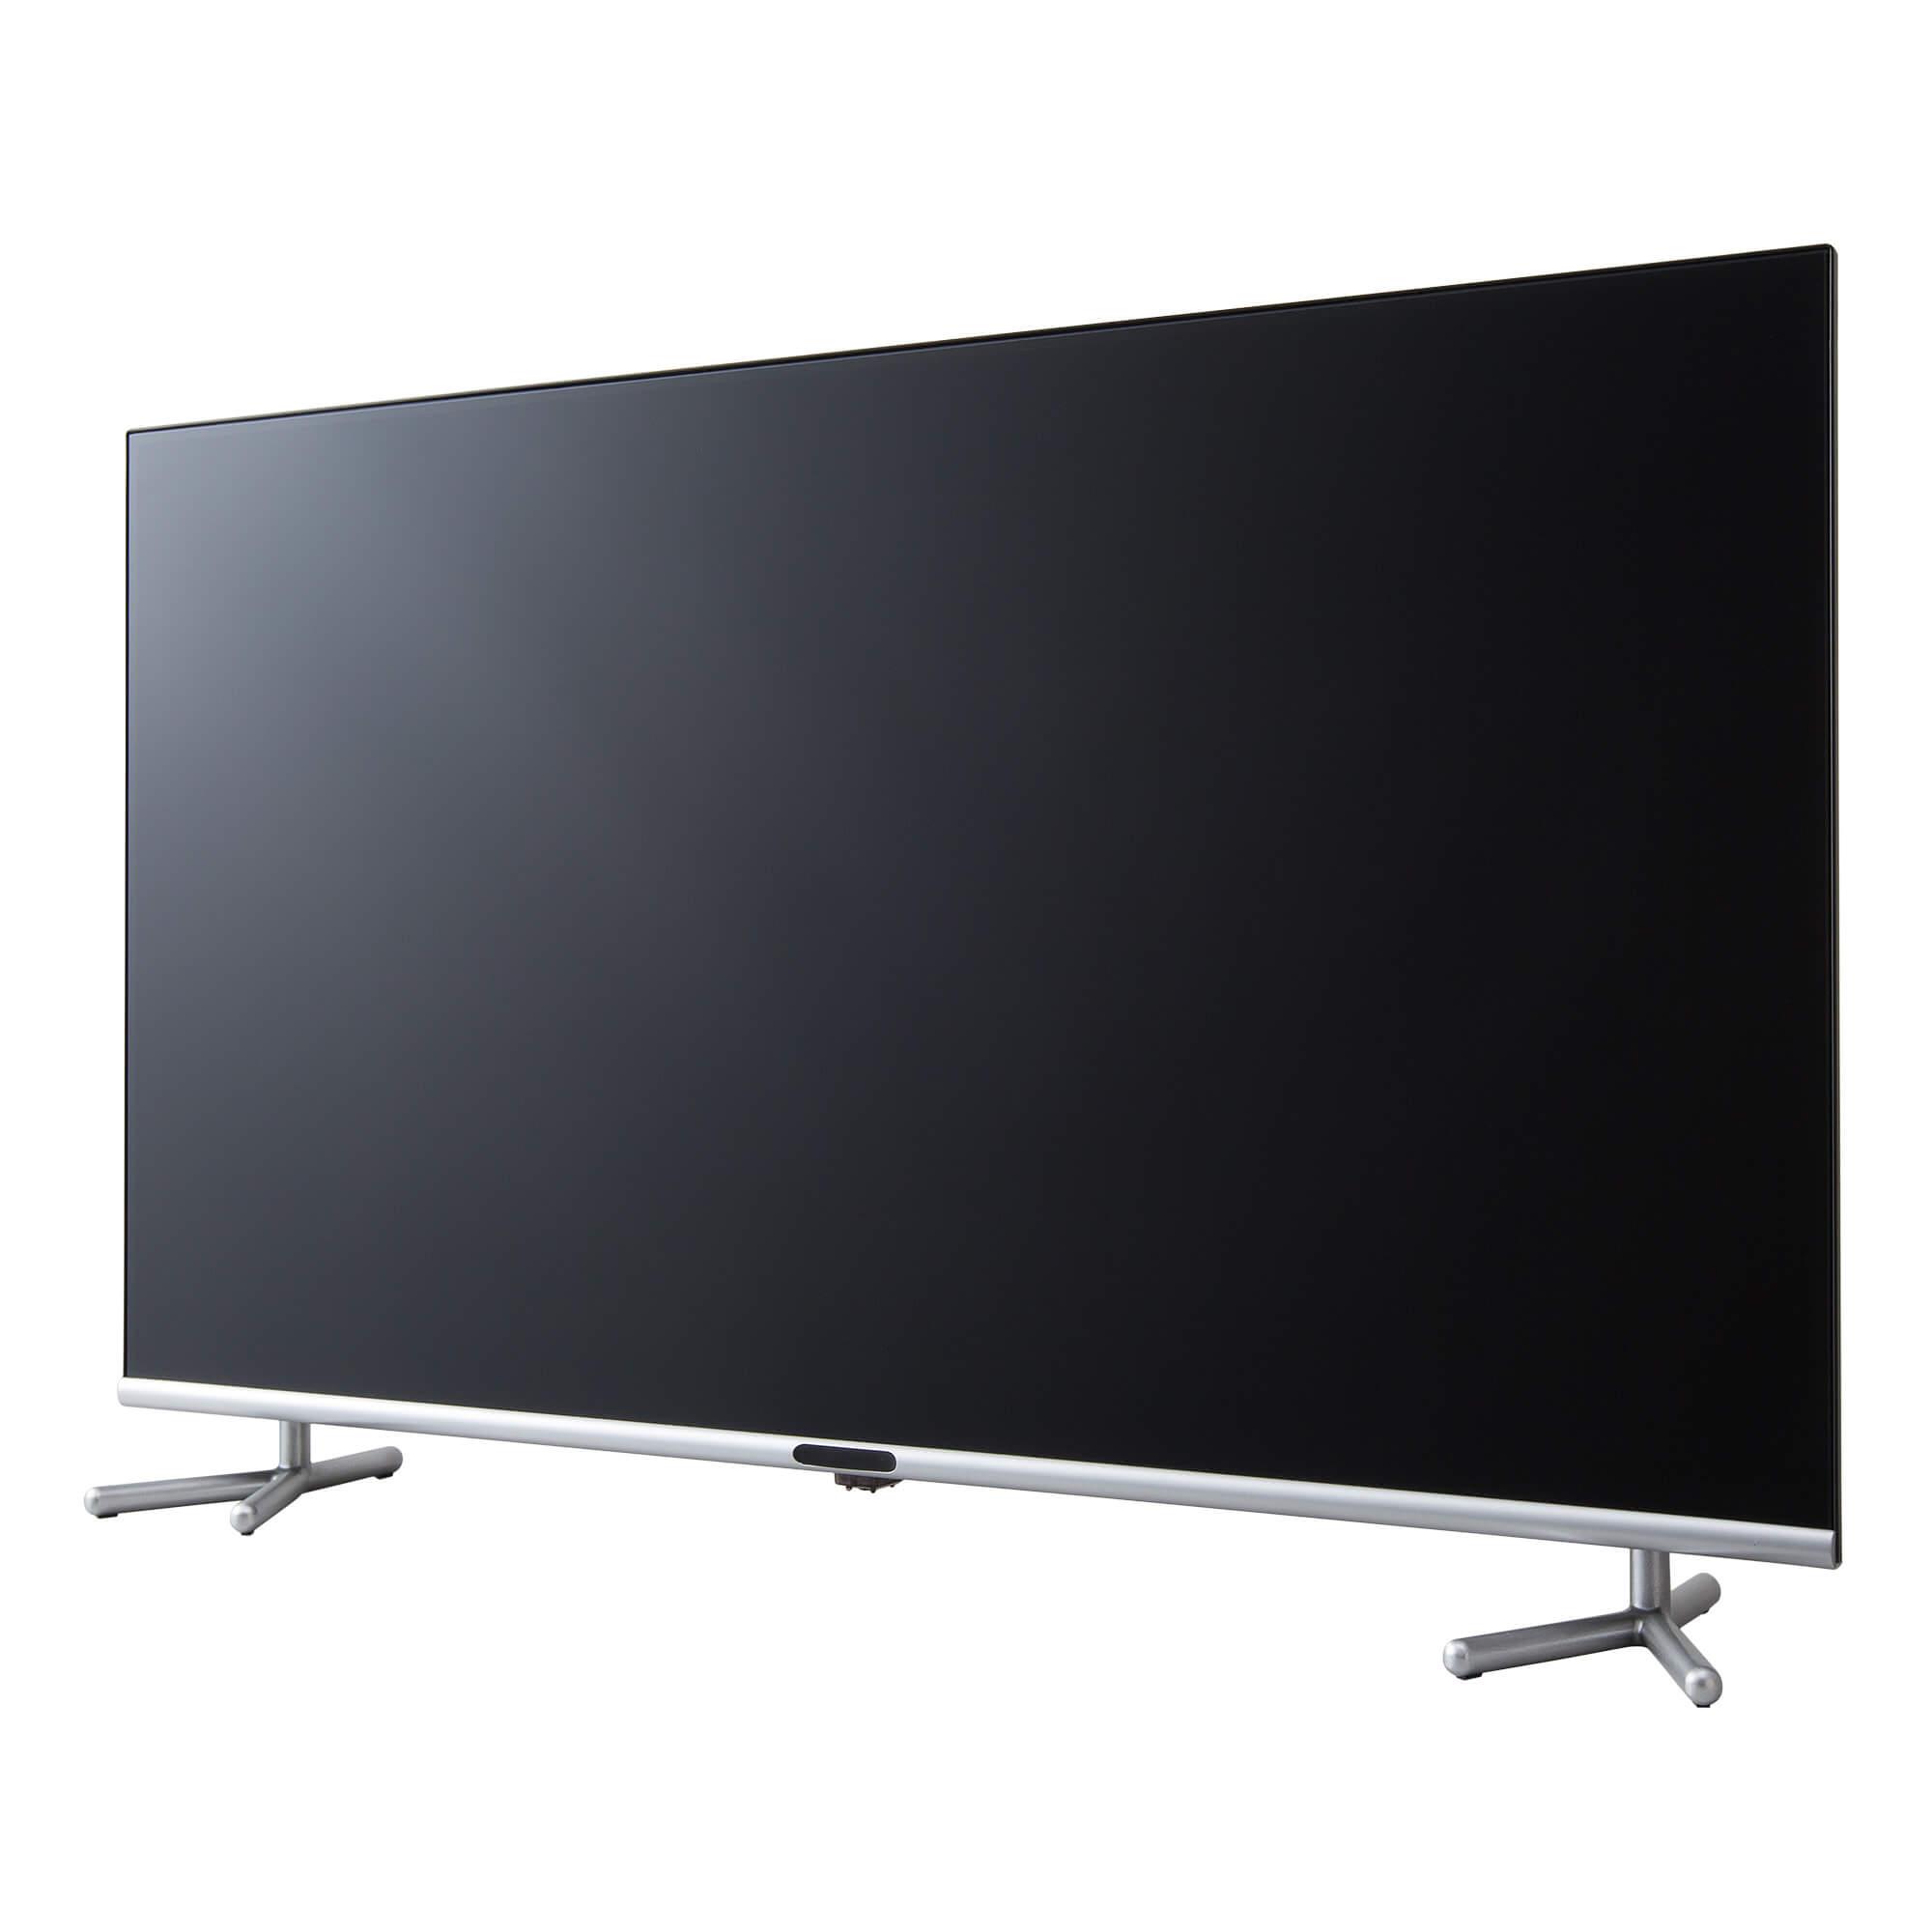 GH-TV43AM-BK